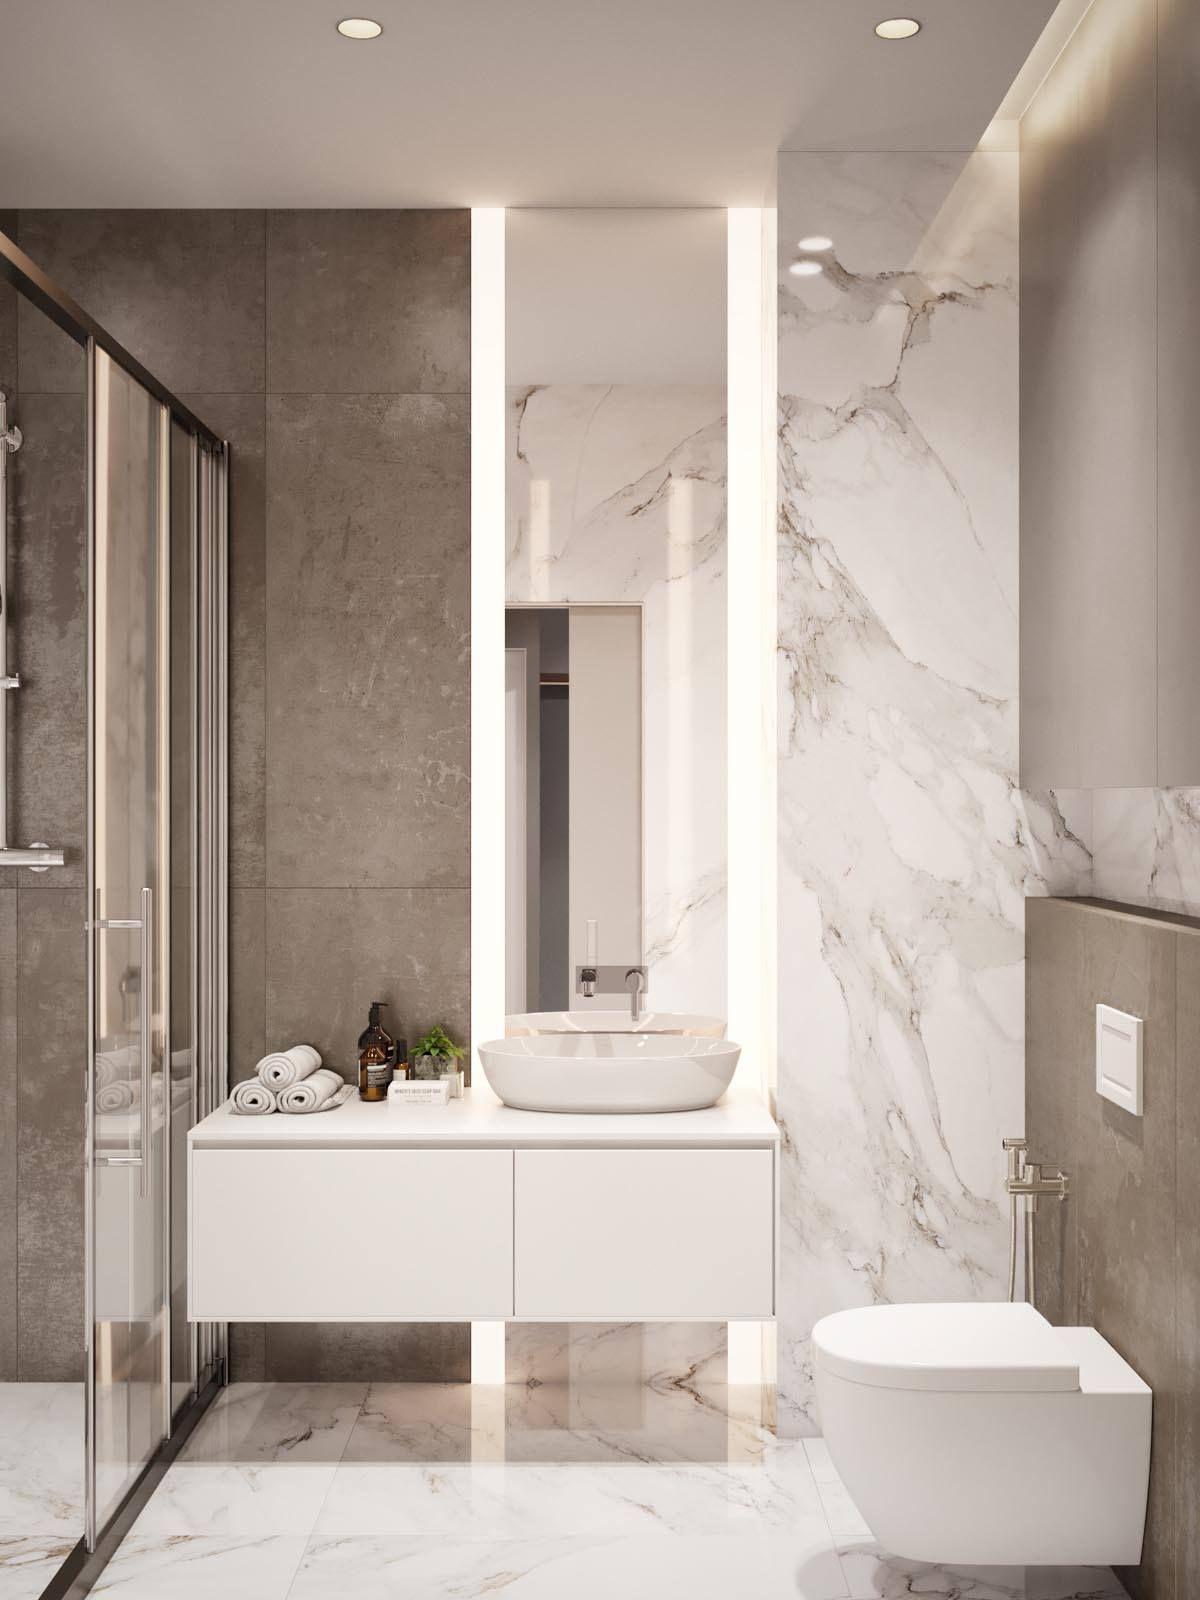 Badezimmer, Einrichtung, Architektur, Luxus Badezimmer, Weiße Badezimmer,  Modernes Luxuriöses Badezimmer, Kleine Bäder, Toilette Design, Waschraum